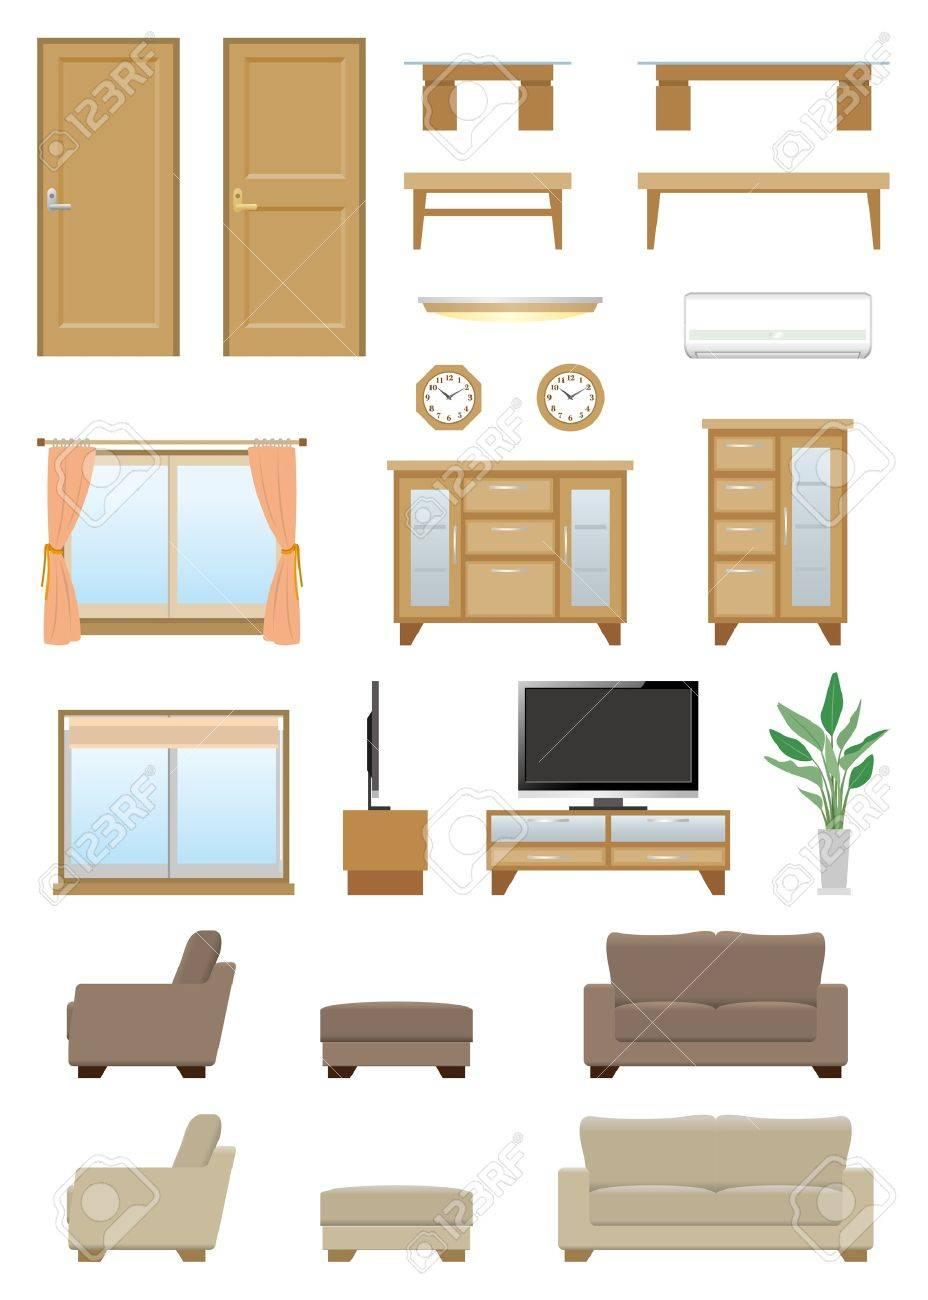 Living room furniture - 20417299